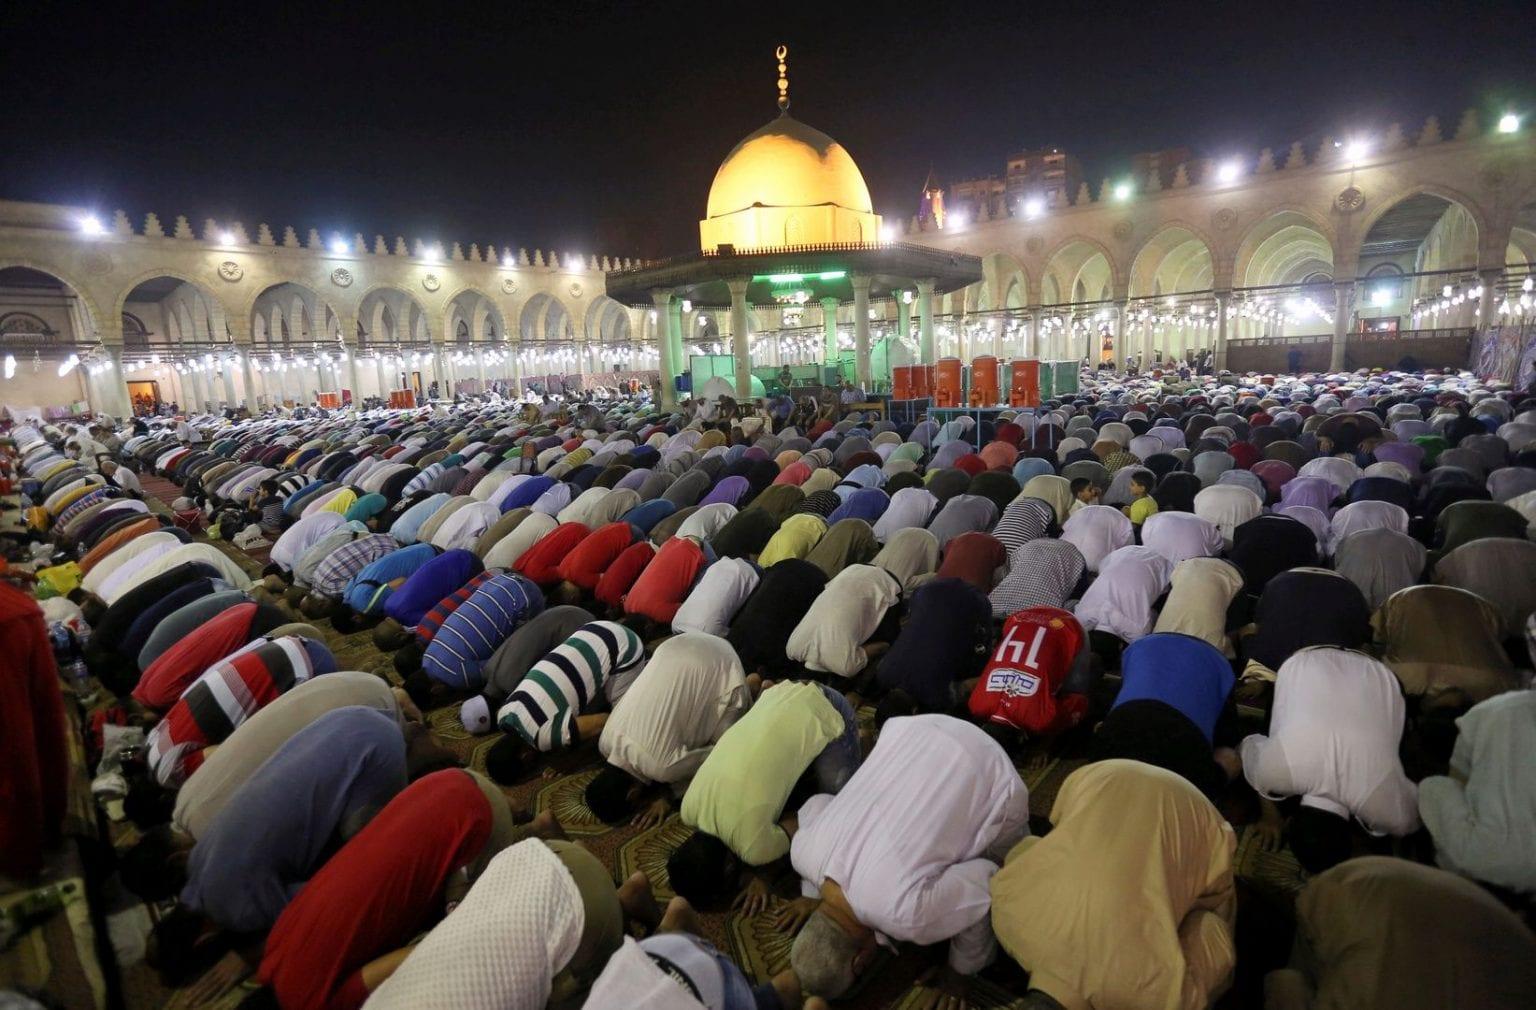 أول تصريحات للأوقاف حول صلاة التراويح بالمساجد في رمضان القادم 2021 4